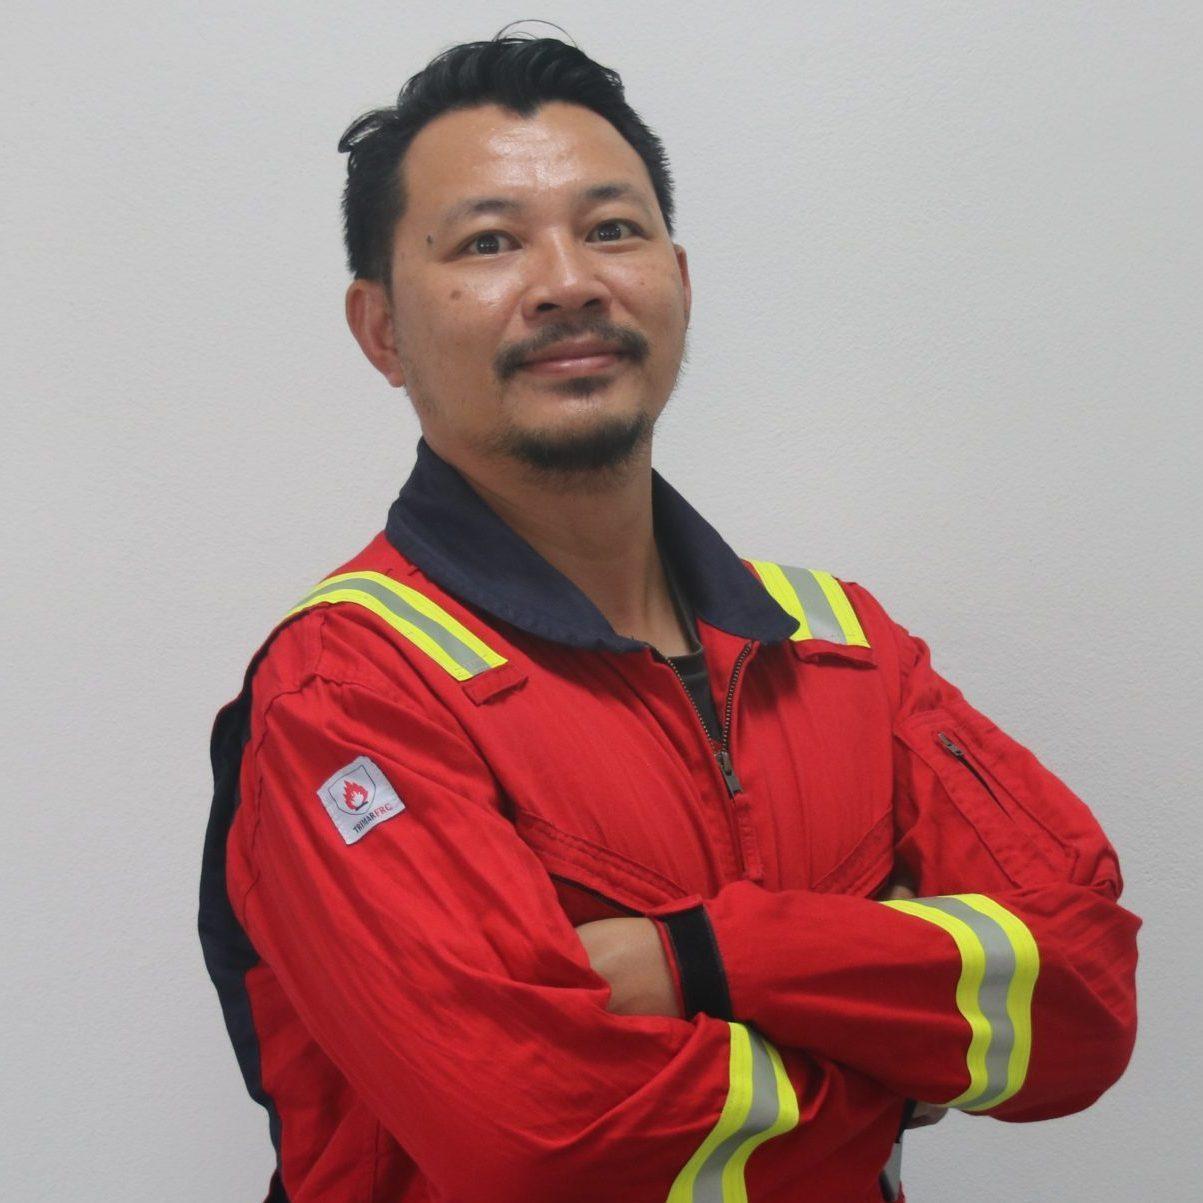 Weerapong Ladsena - Kiwi Resource Protection